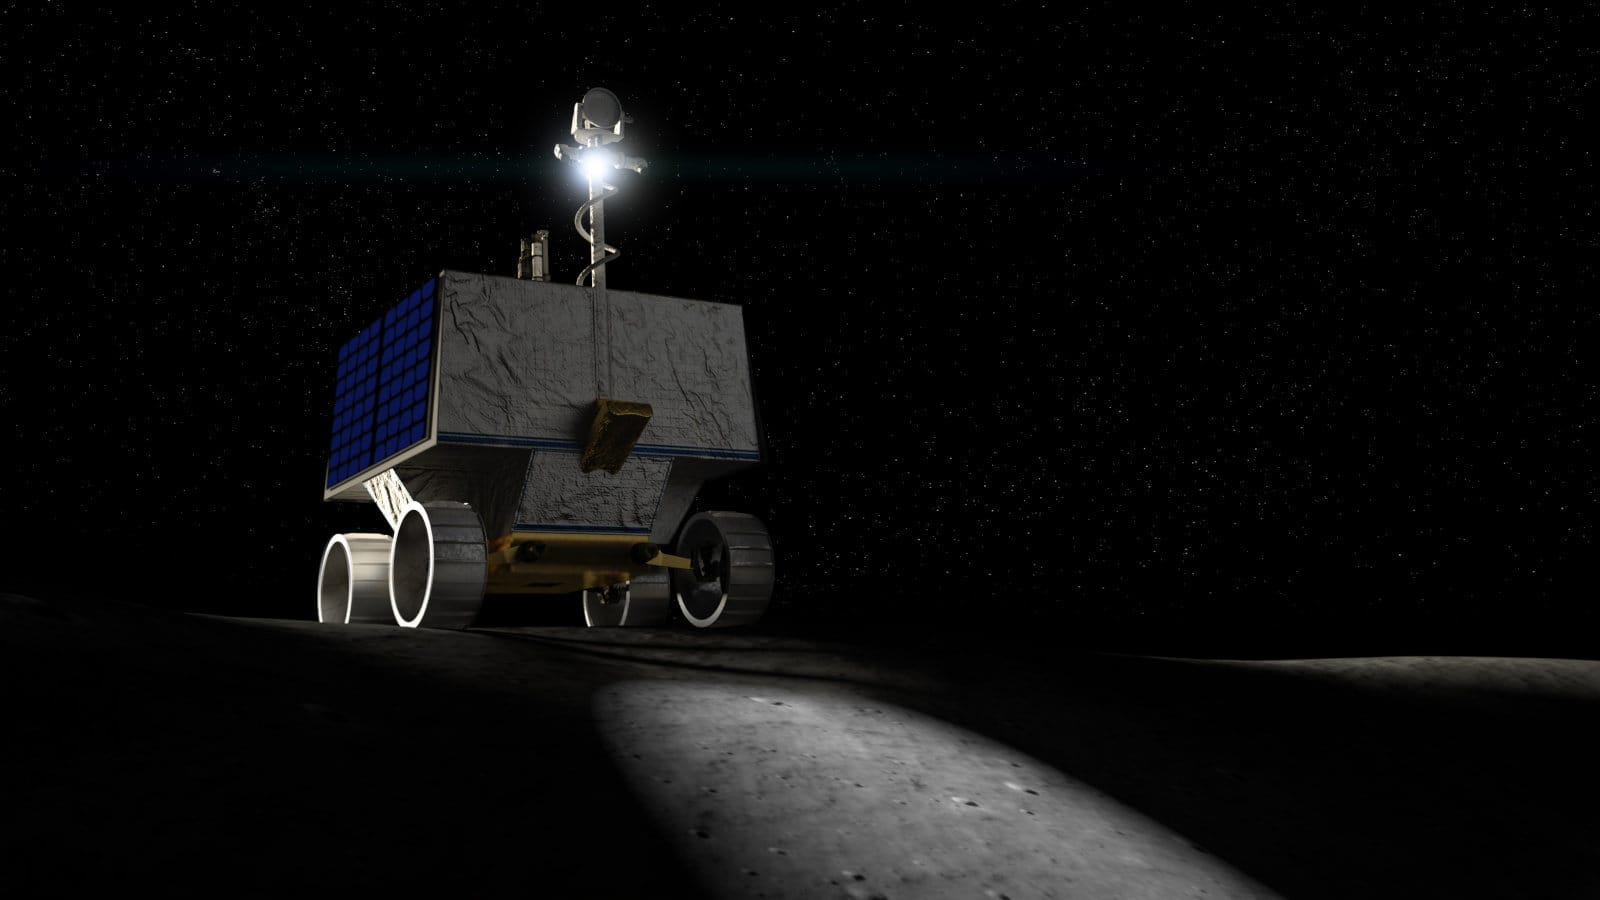 Nasaが月に水資源を調査するロボット Viper を送ると発表 Engadget